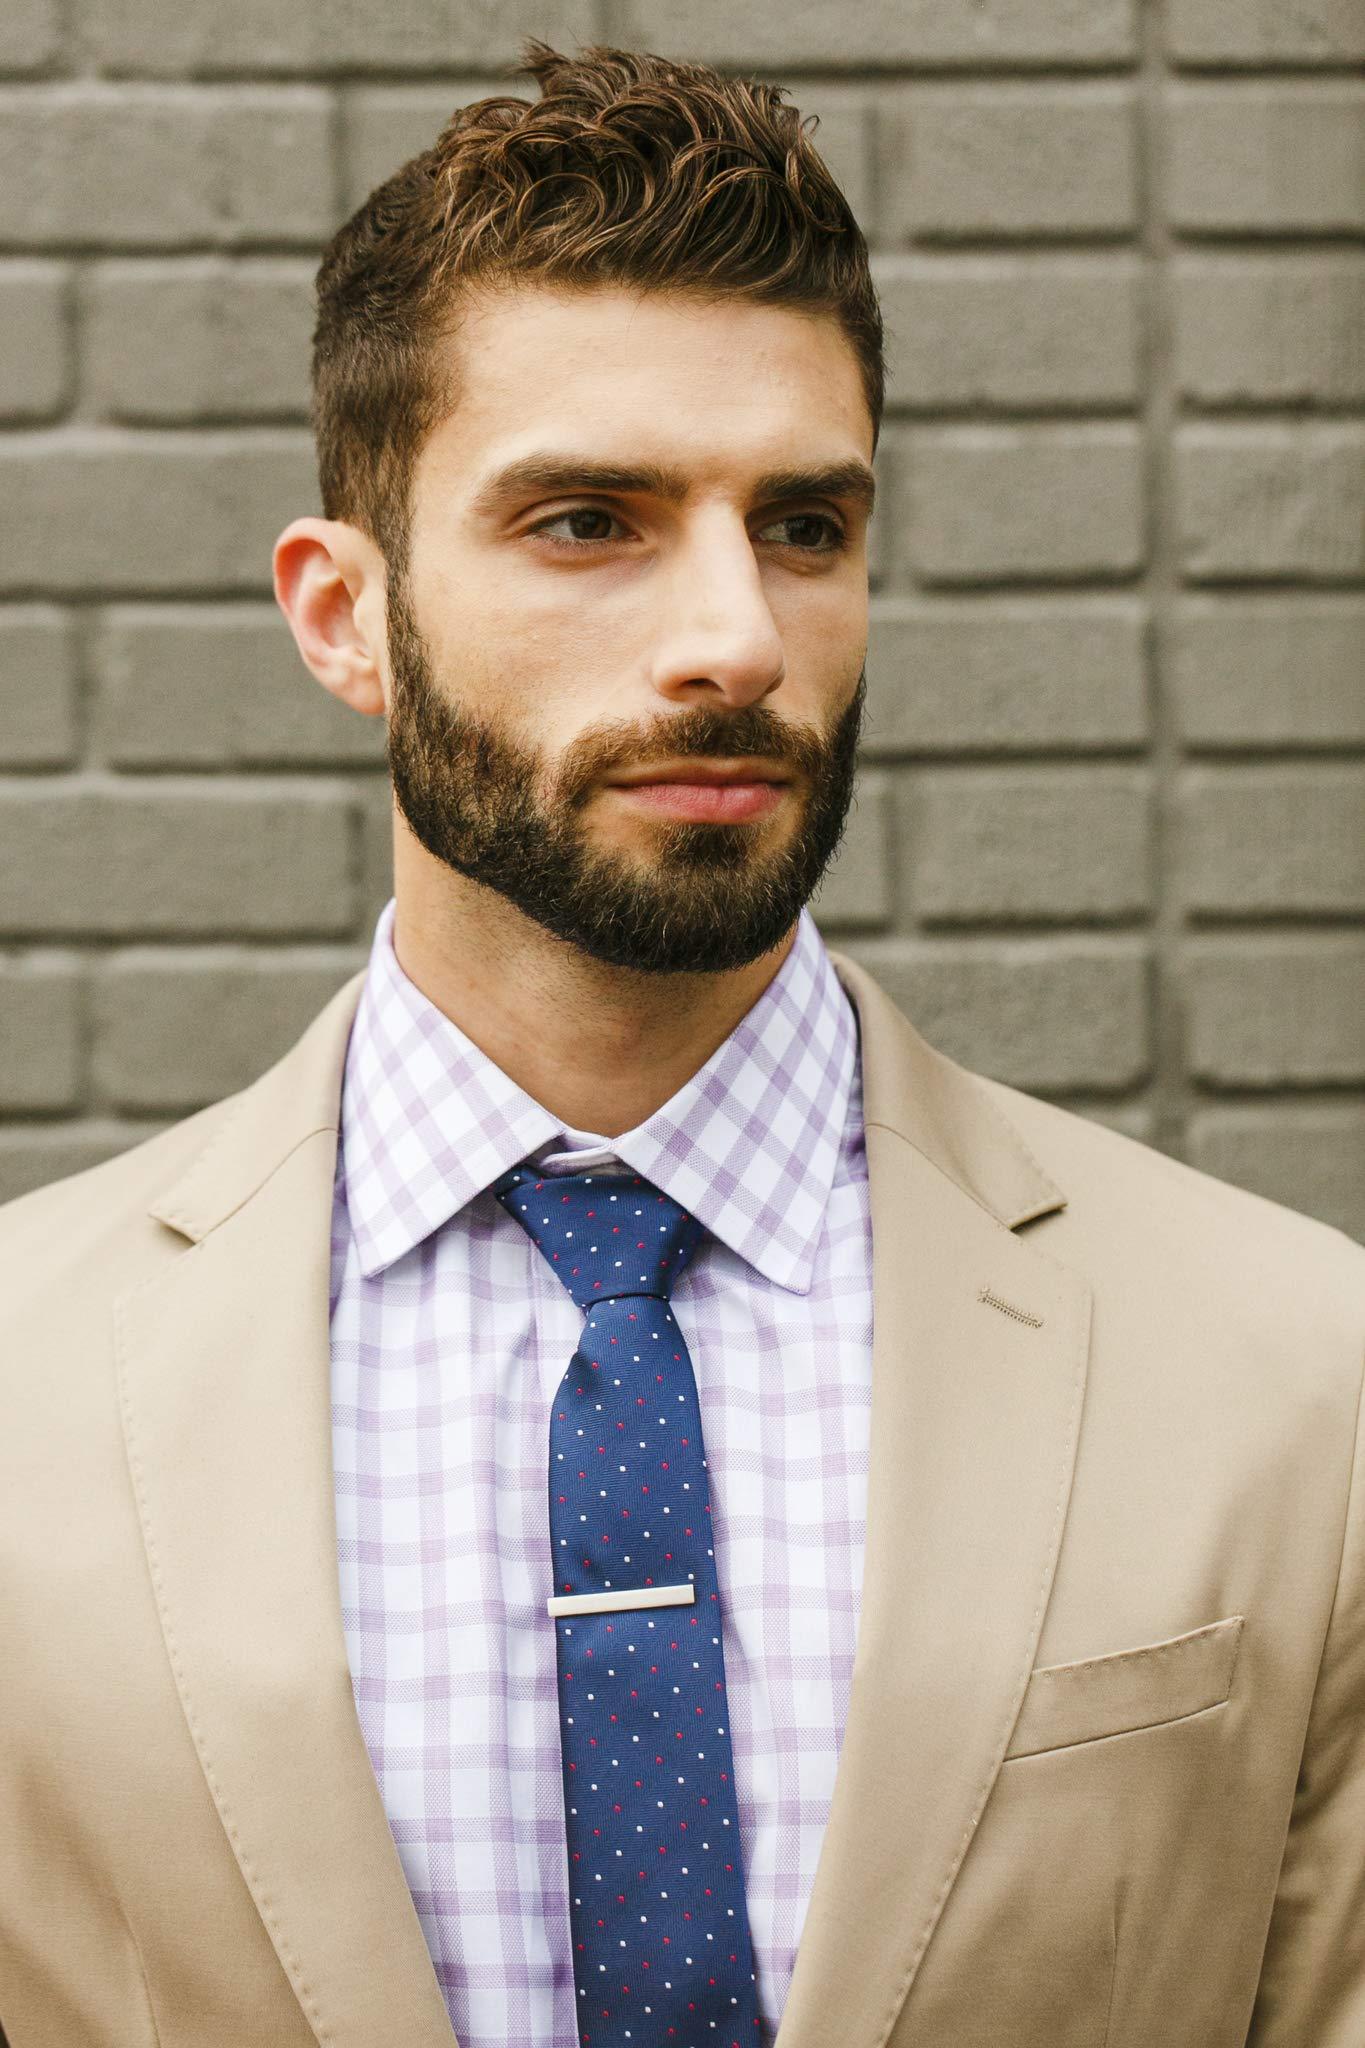 Cueva Bar 4.13 cm Tie Clip, Suiting Tie Clip, Great Gift for Men, Classic Style, Office Look, Wedding Business Necktie Clip, Silver Steel, Unique Design, Everyday Wear, Fashion Necktie Clip by Cueva (Image #4)